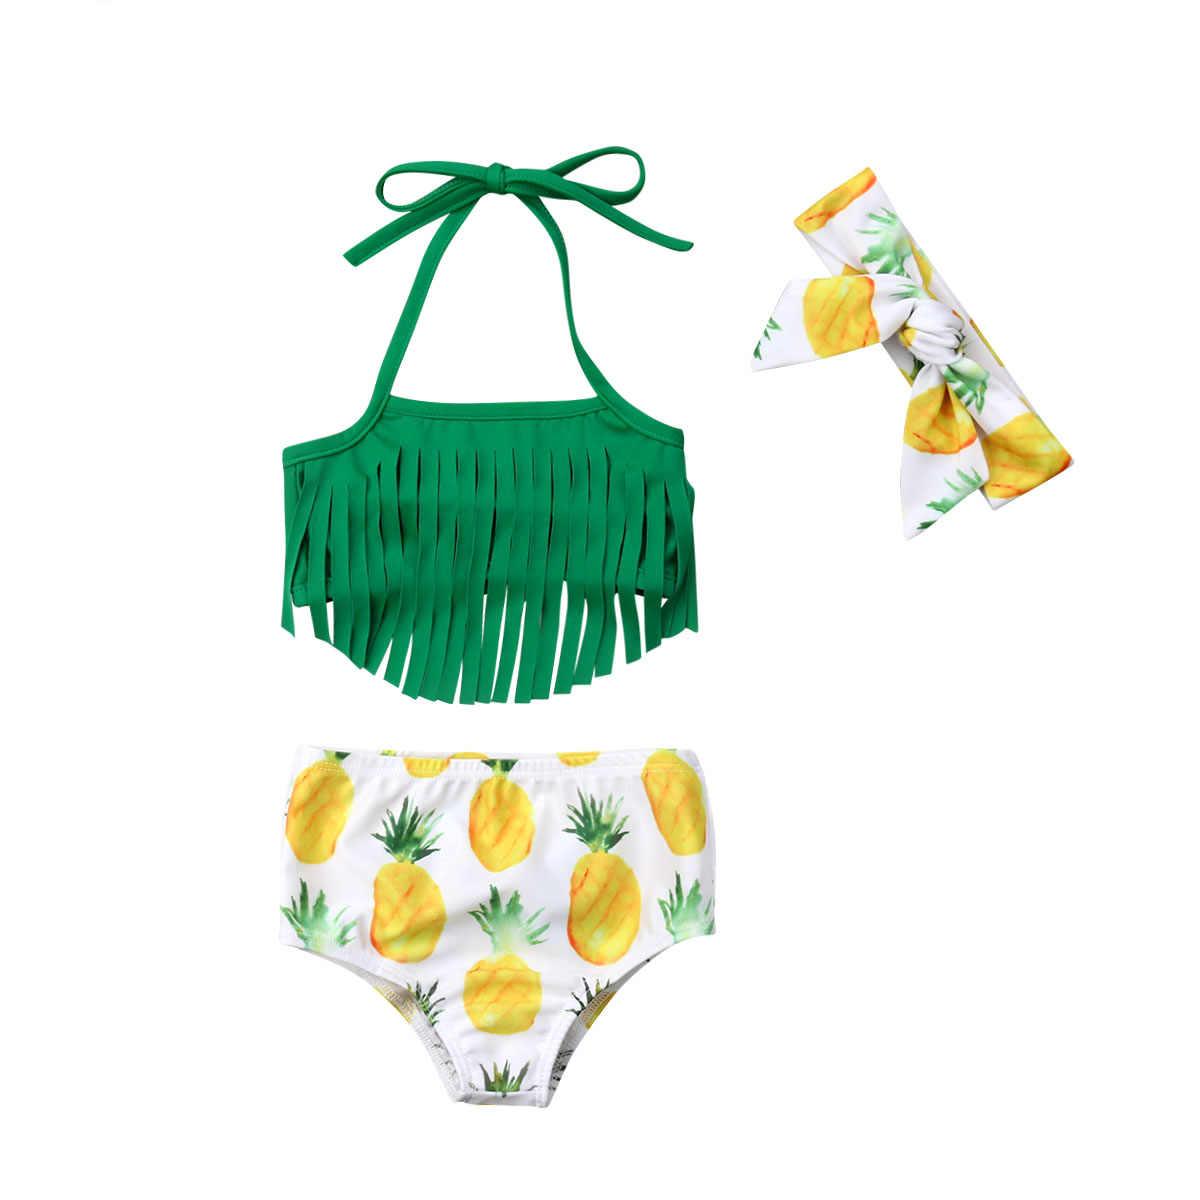 Nouveau-né Bébé Filles Enfant Bikini 3 pièces Glands Maillots De Bain Imprimé Ananas Halter Bandage Maillot De Bain Bandeau Maillot de bain Vêtements De Plage 0-2T